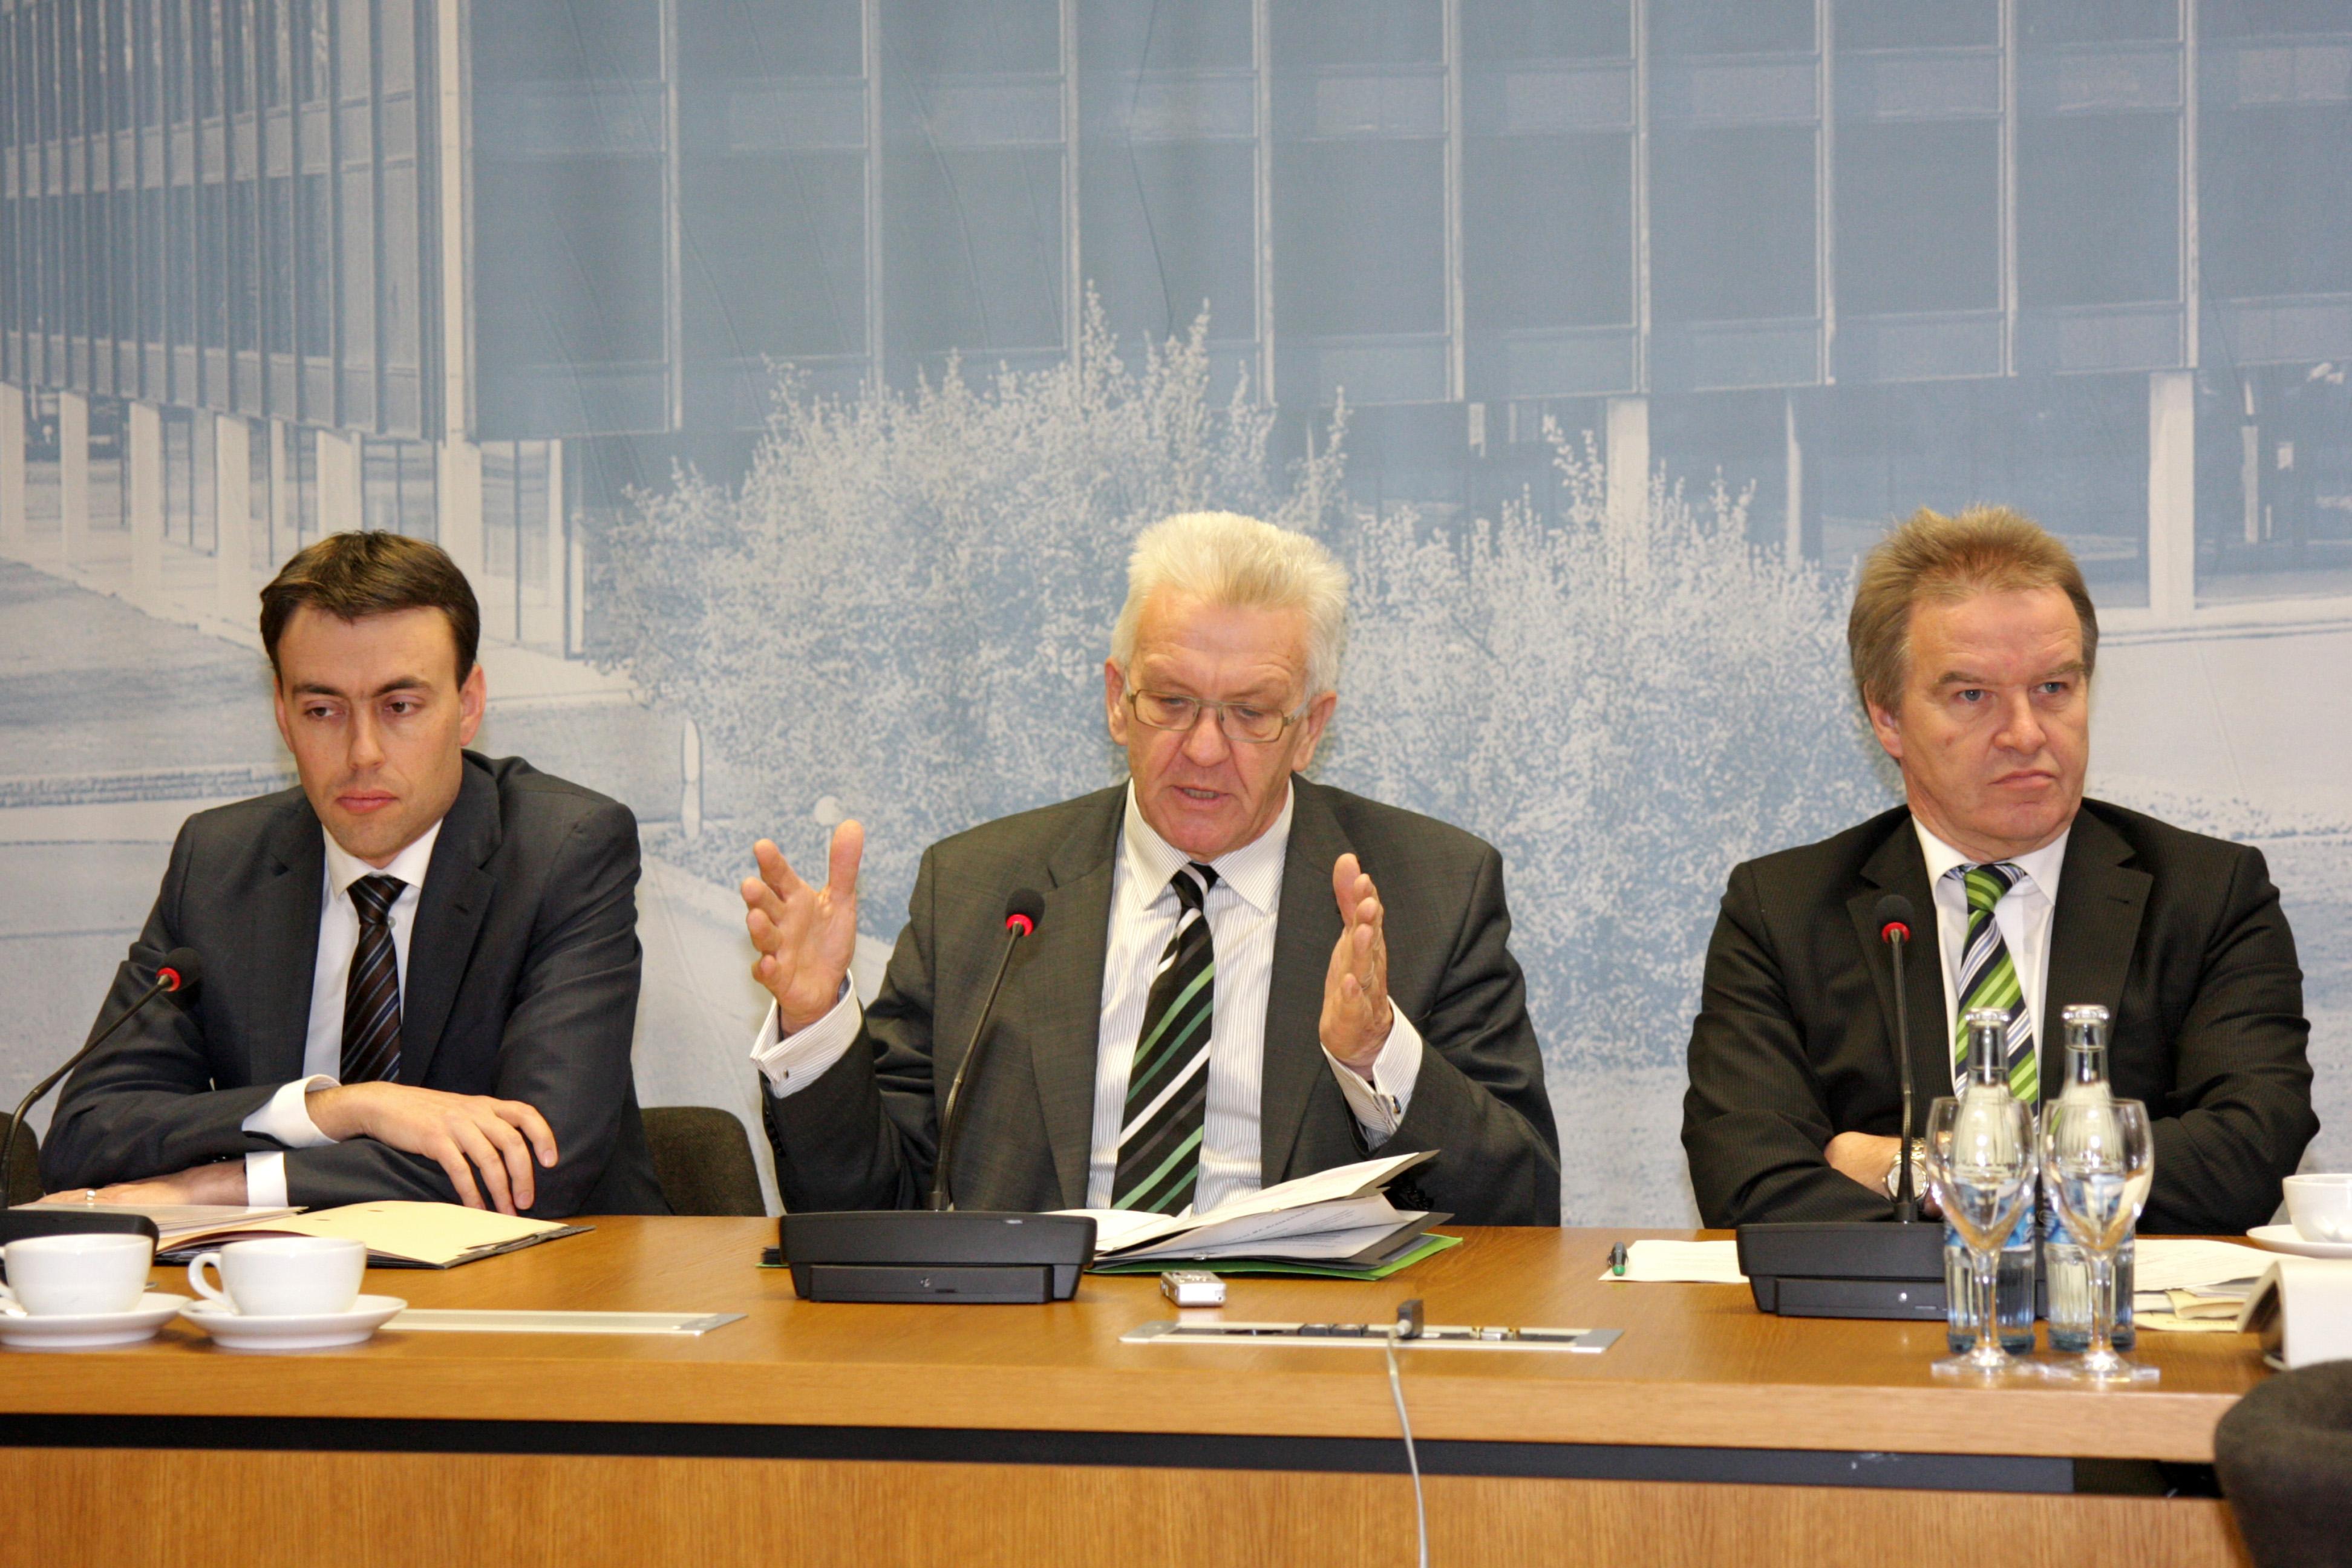 Finanz-und Wirtschaftsminister Dr. Nils Schmid (l.), Ministerpräsident Winfried Kretschmann (M.), und Umweltminister Franz Untersteller (r.) bei der Regierungspressekonferenz am 11. Dezember 2012 im Landtag in Stuttgart